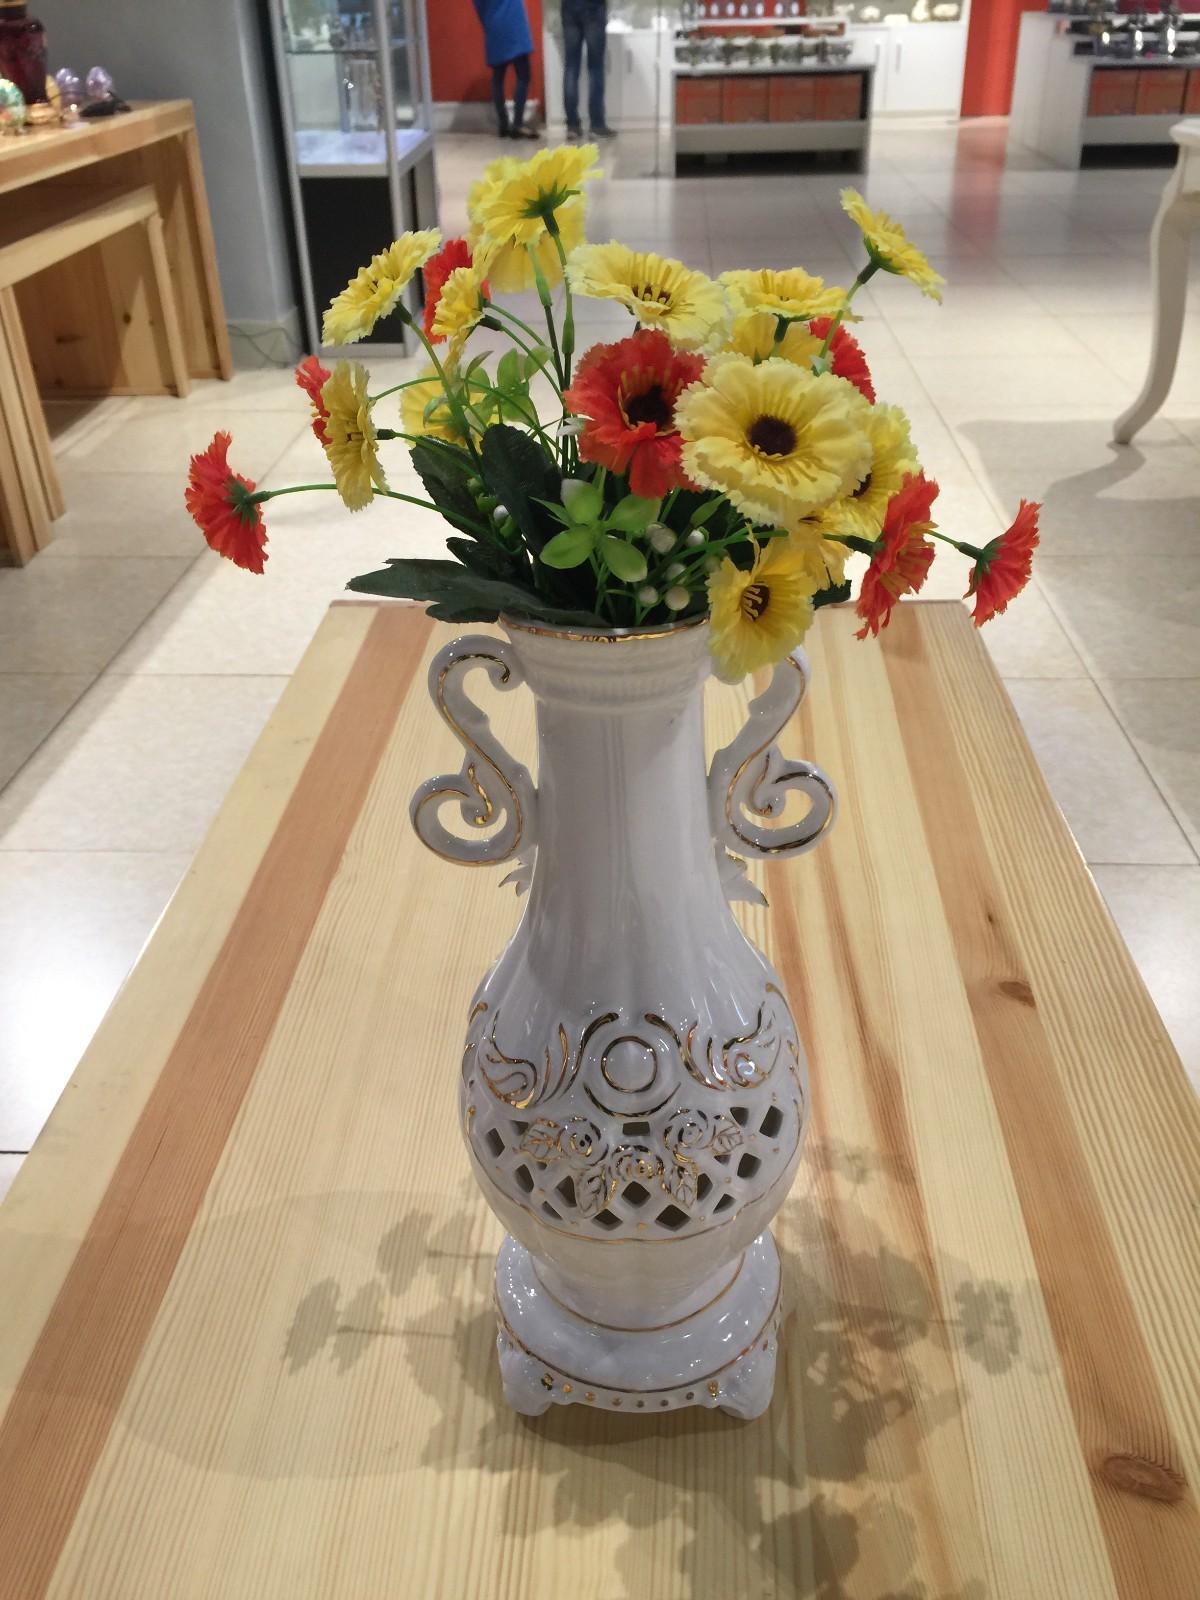 俄罗斯陶瓷工艺品 玫瑰花瓶图片一